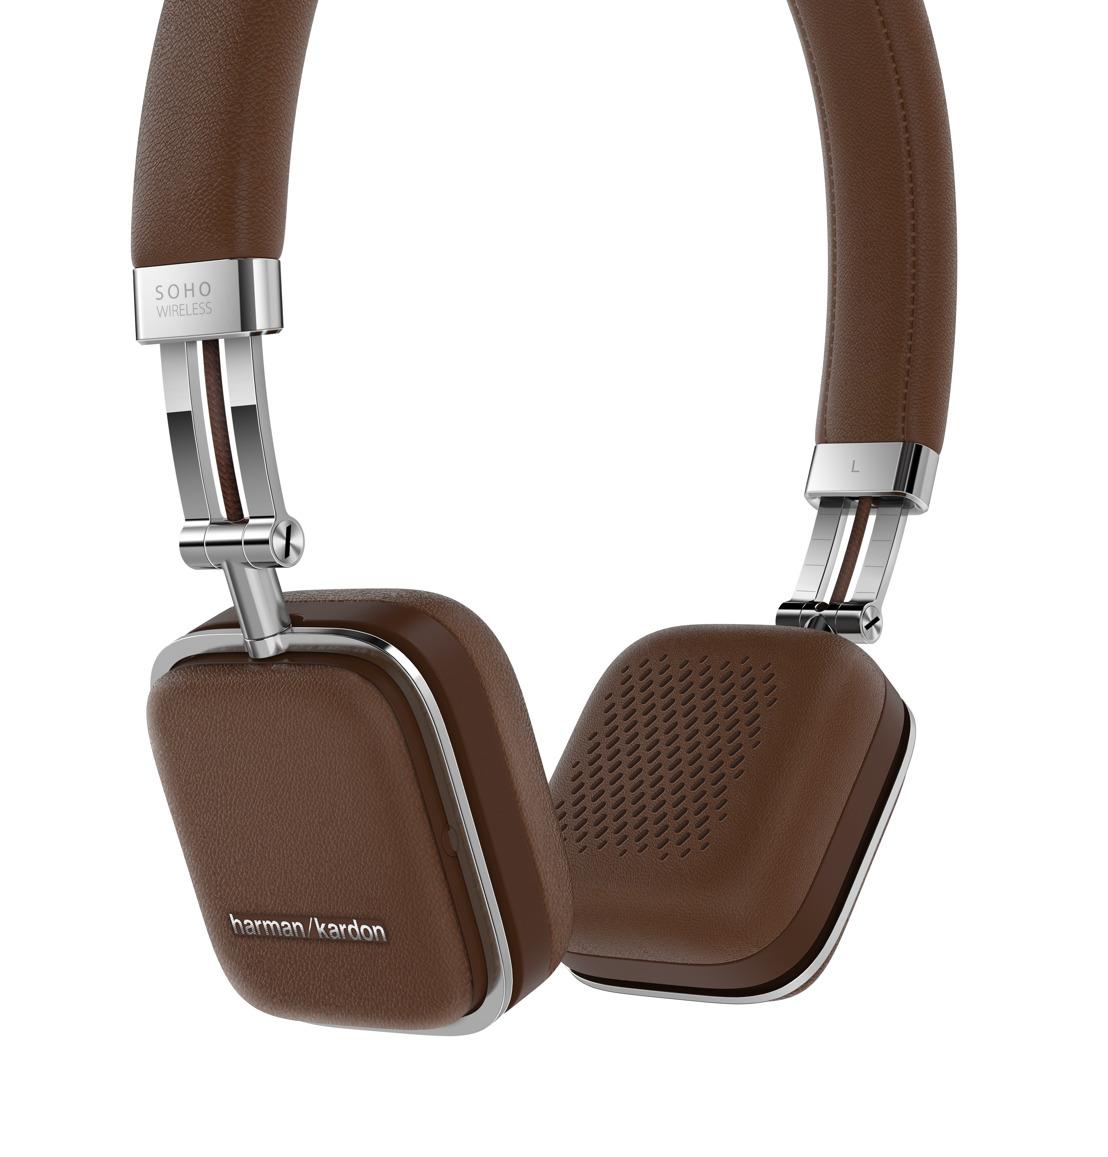 HARMAN präsentiert neue Kopfhörer Harman Kardon Soho Wireless